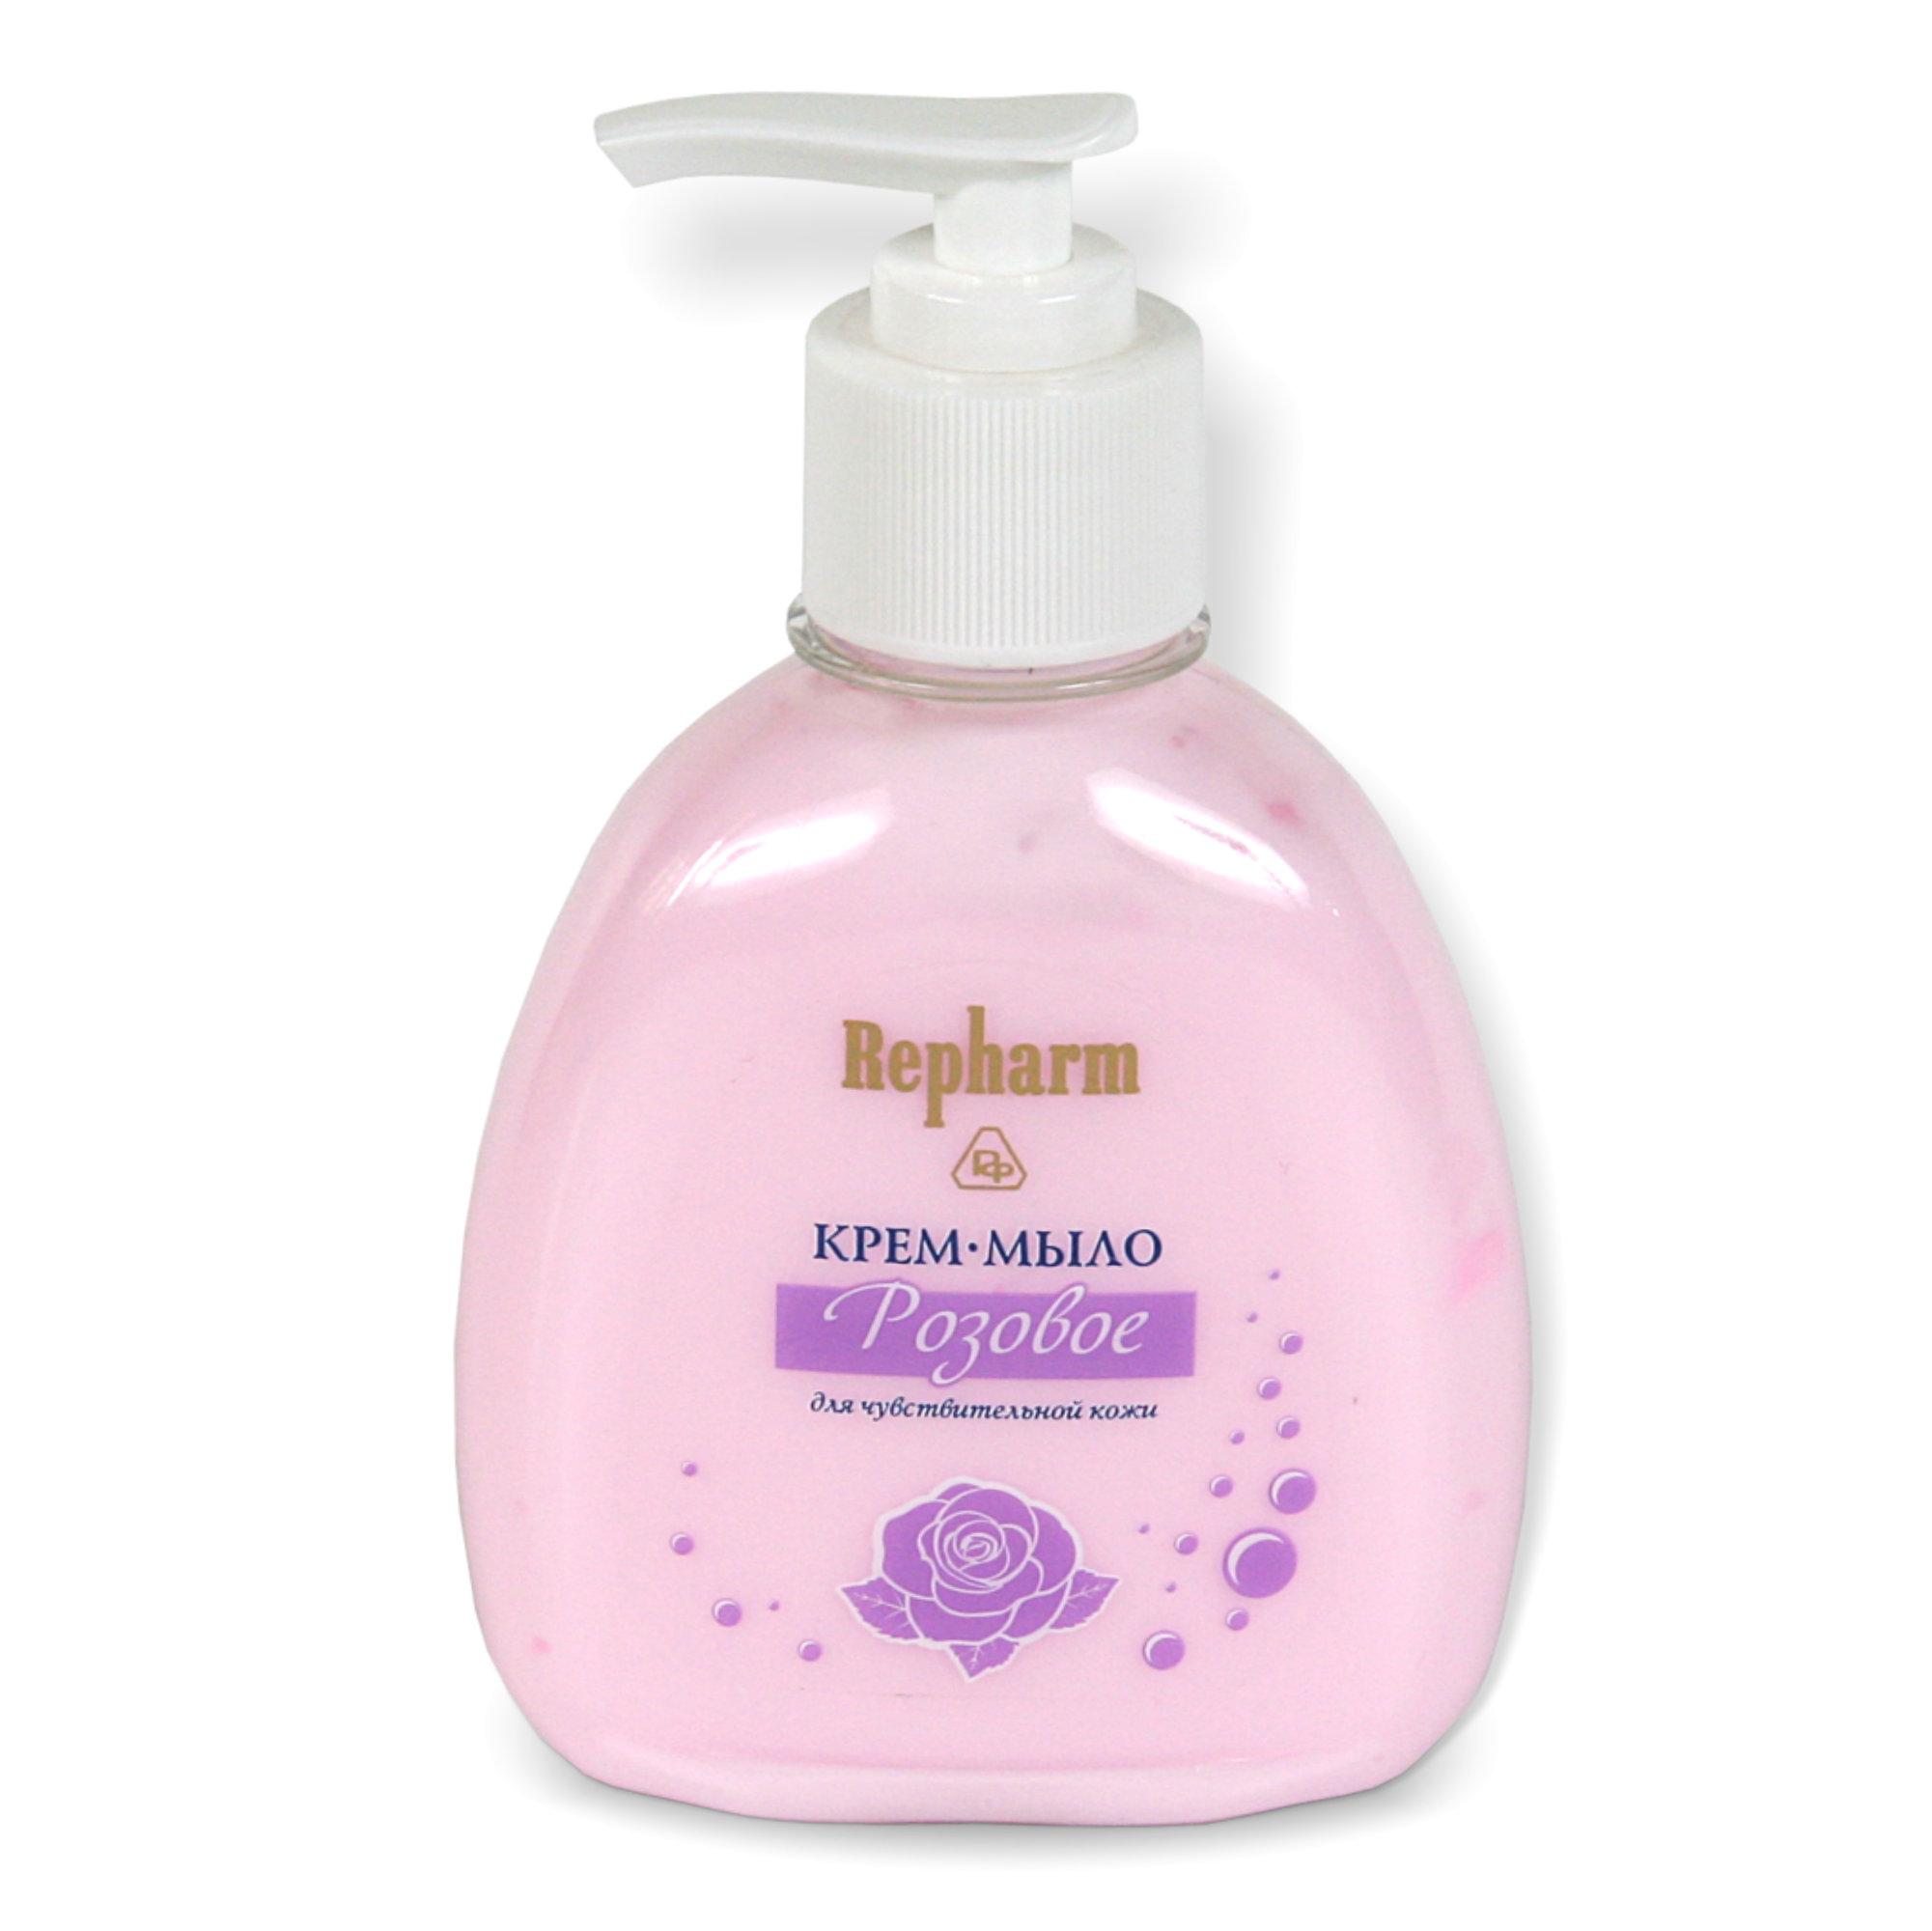 РЕФАРМ Крем-мыло для чувствительной кожи  РОЗОВОЕ  / Repharm 200млКремы<br>Для очищающего ухода за чувствительной кожей. Приготовлено на кремовой рН-нейтральной основе, которая смягчает и питает кожу. Удаляет загрязнения и макияж, не нарушая естественного липидного баланса. Способ применения: рекомендуется использовать вместо мыла при умывании.<br><br>Тип: Крем-мыло<br>Объем: 200 мл<br>Вид средства для лица: Очищающий<br>Типы кожи: Чувствительная